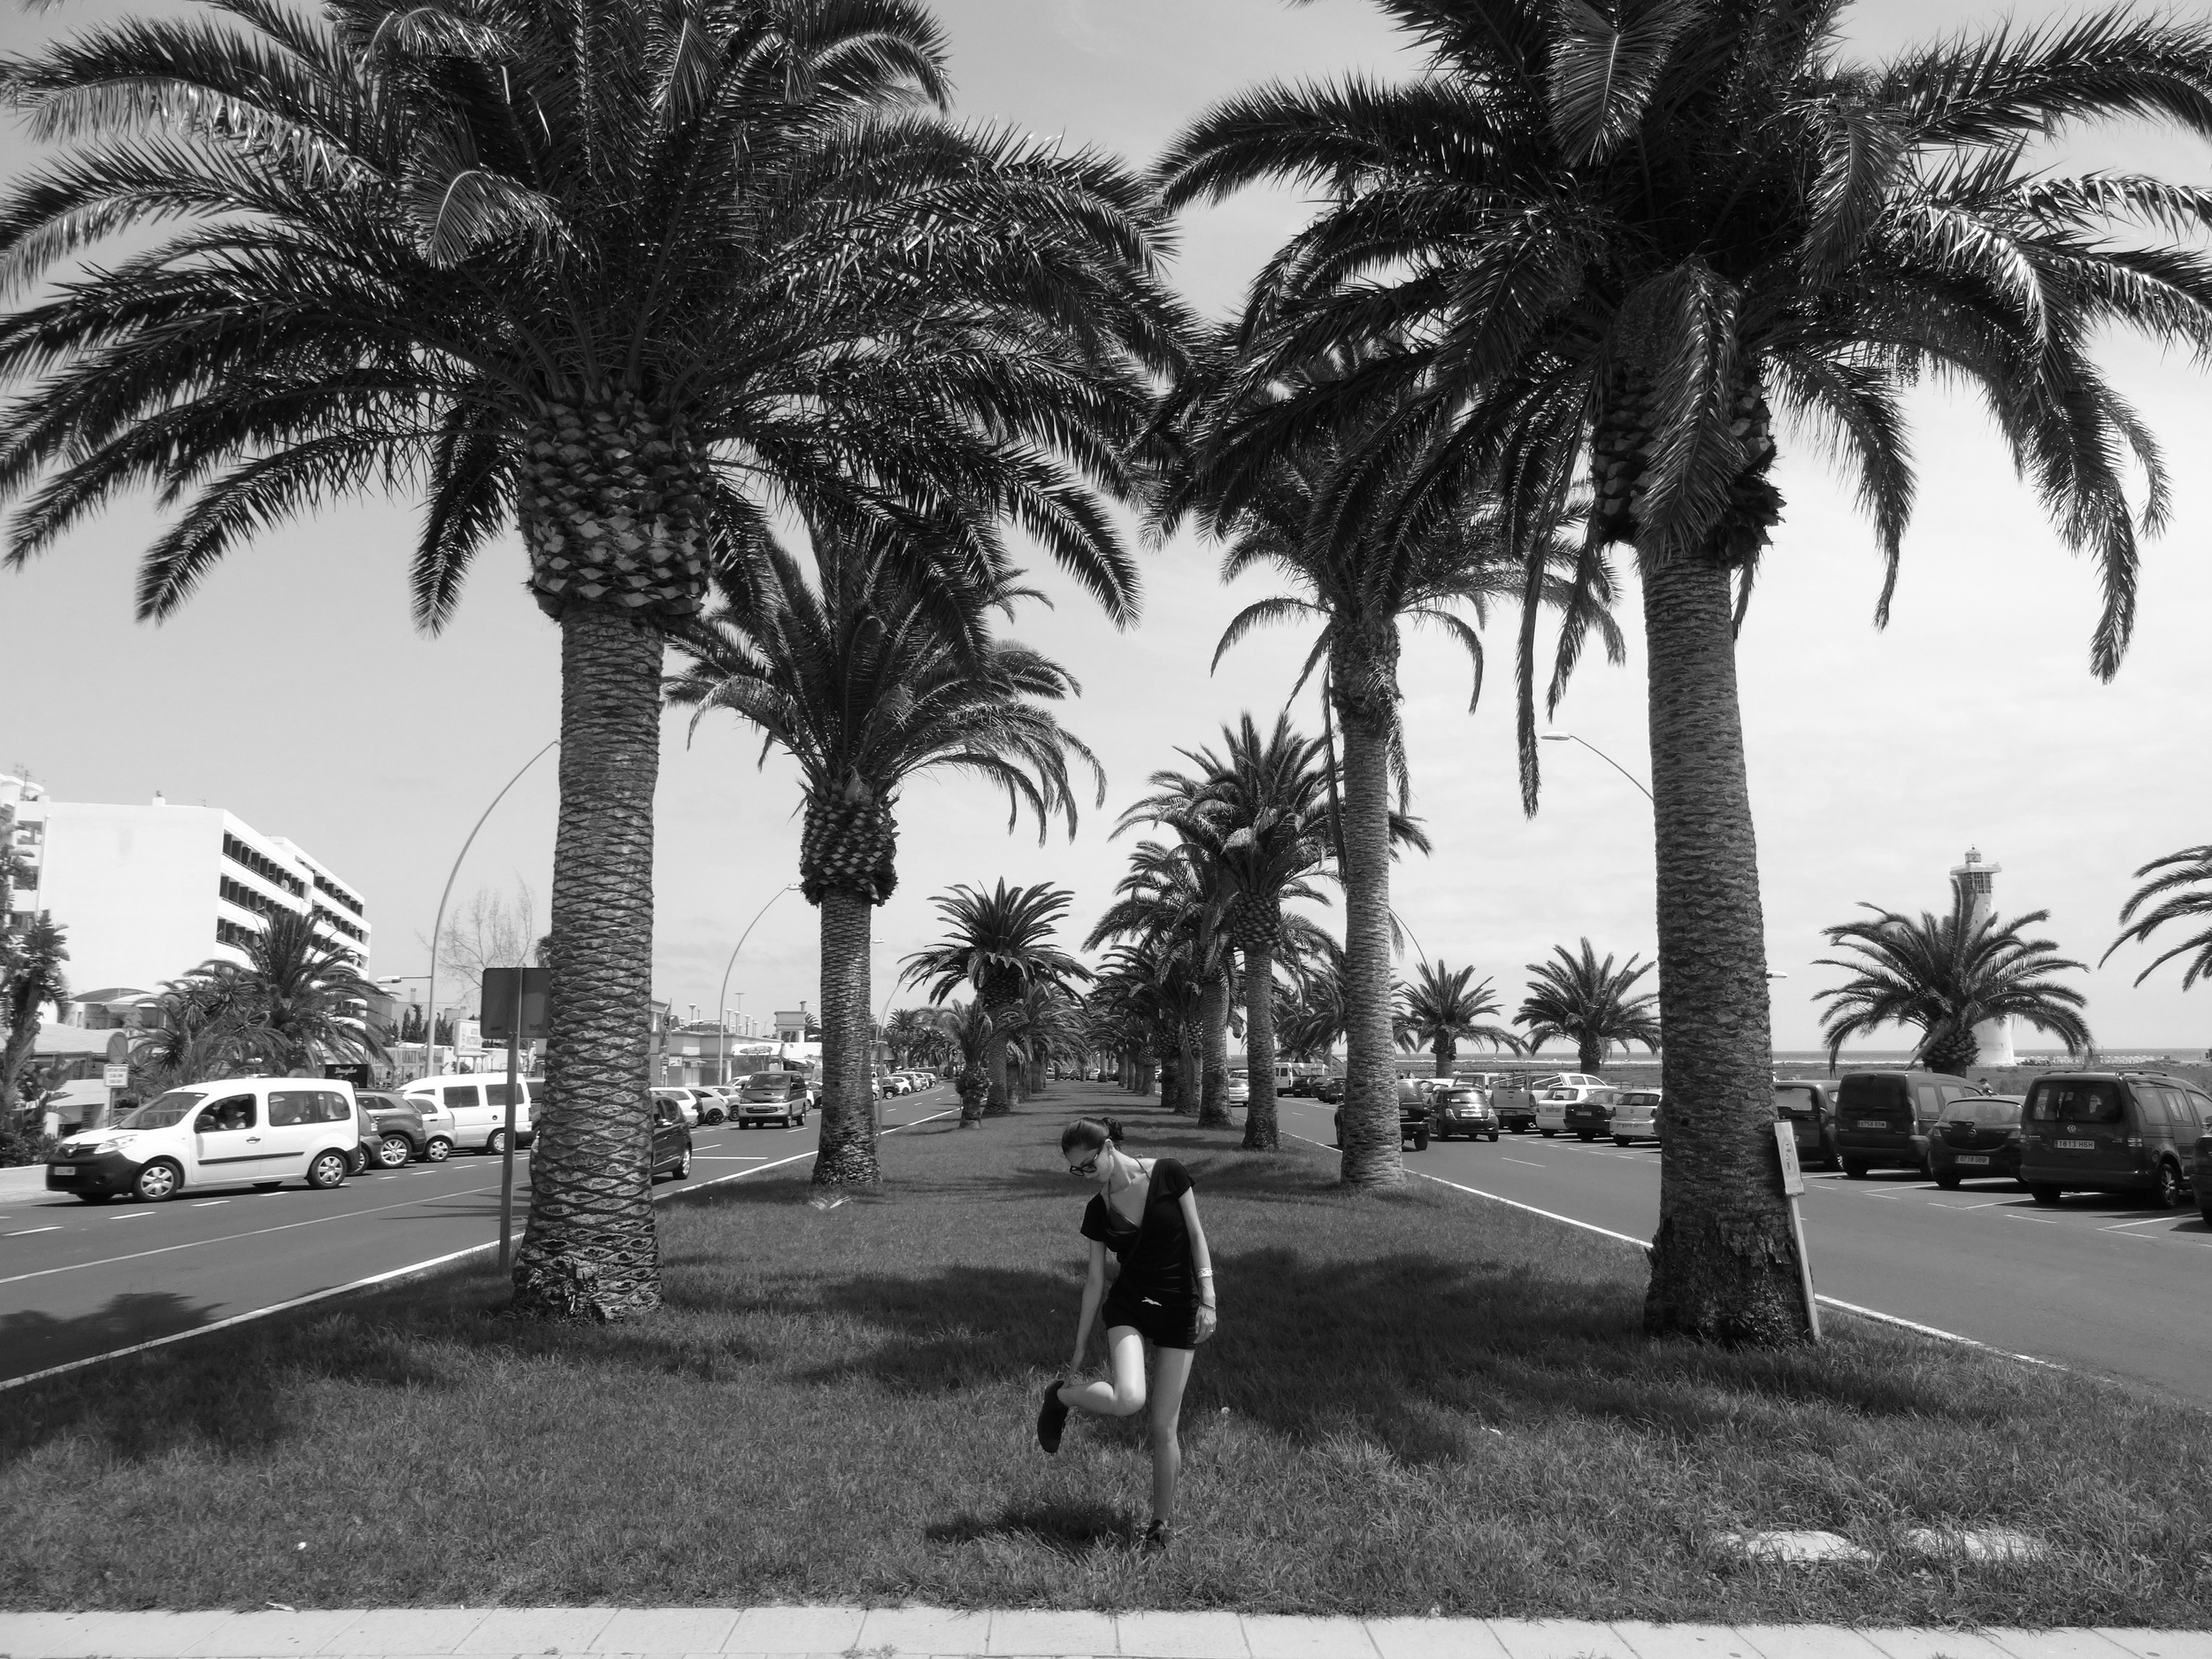 31.Aug 2015 : Unter großen Palmen